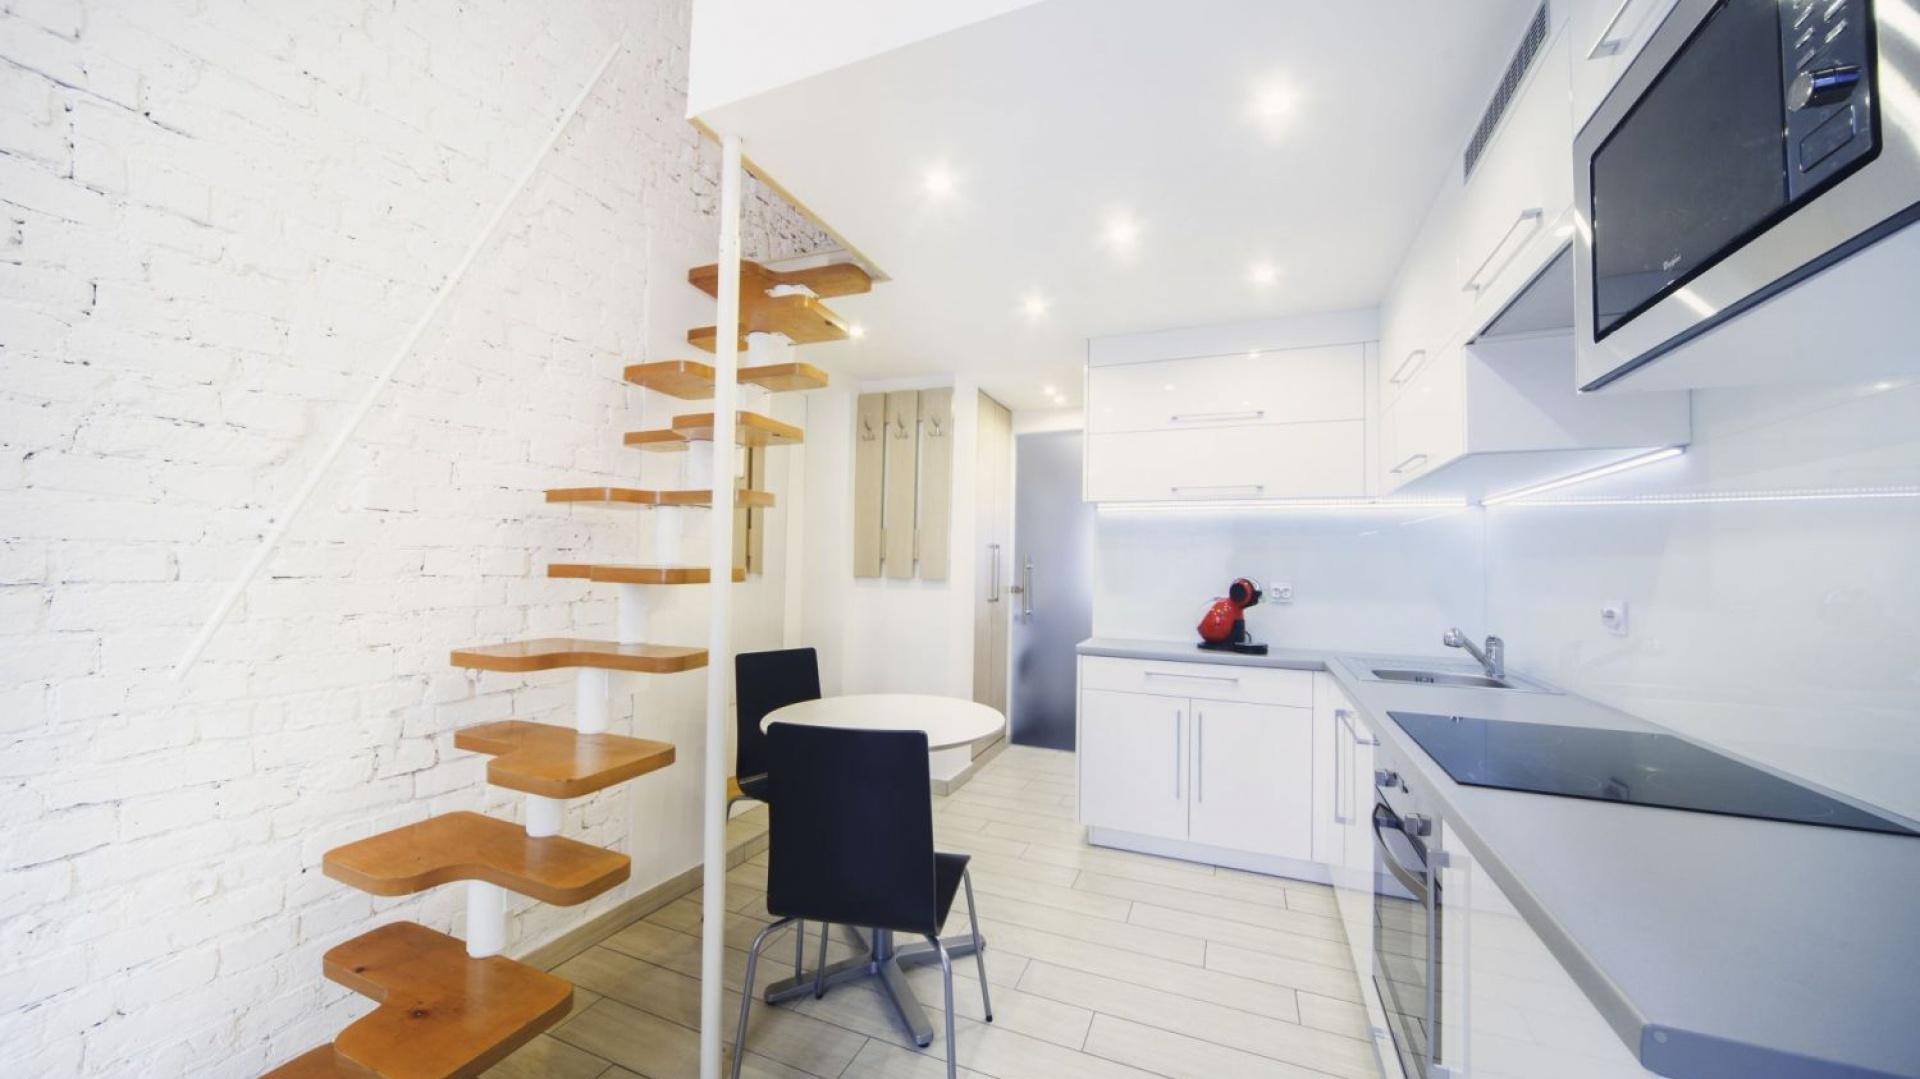 Mikroskopijną, ponurą kawalerkę zmieniono w jasne, nowoczesne mieszkanie z funkcjonalnym aneksem kuchennym i komfortową antresolą. Projekt: Patrycja Balińska-Seweryn i Mariusz Seweryn. Fot. właściciele.